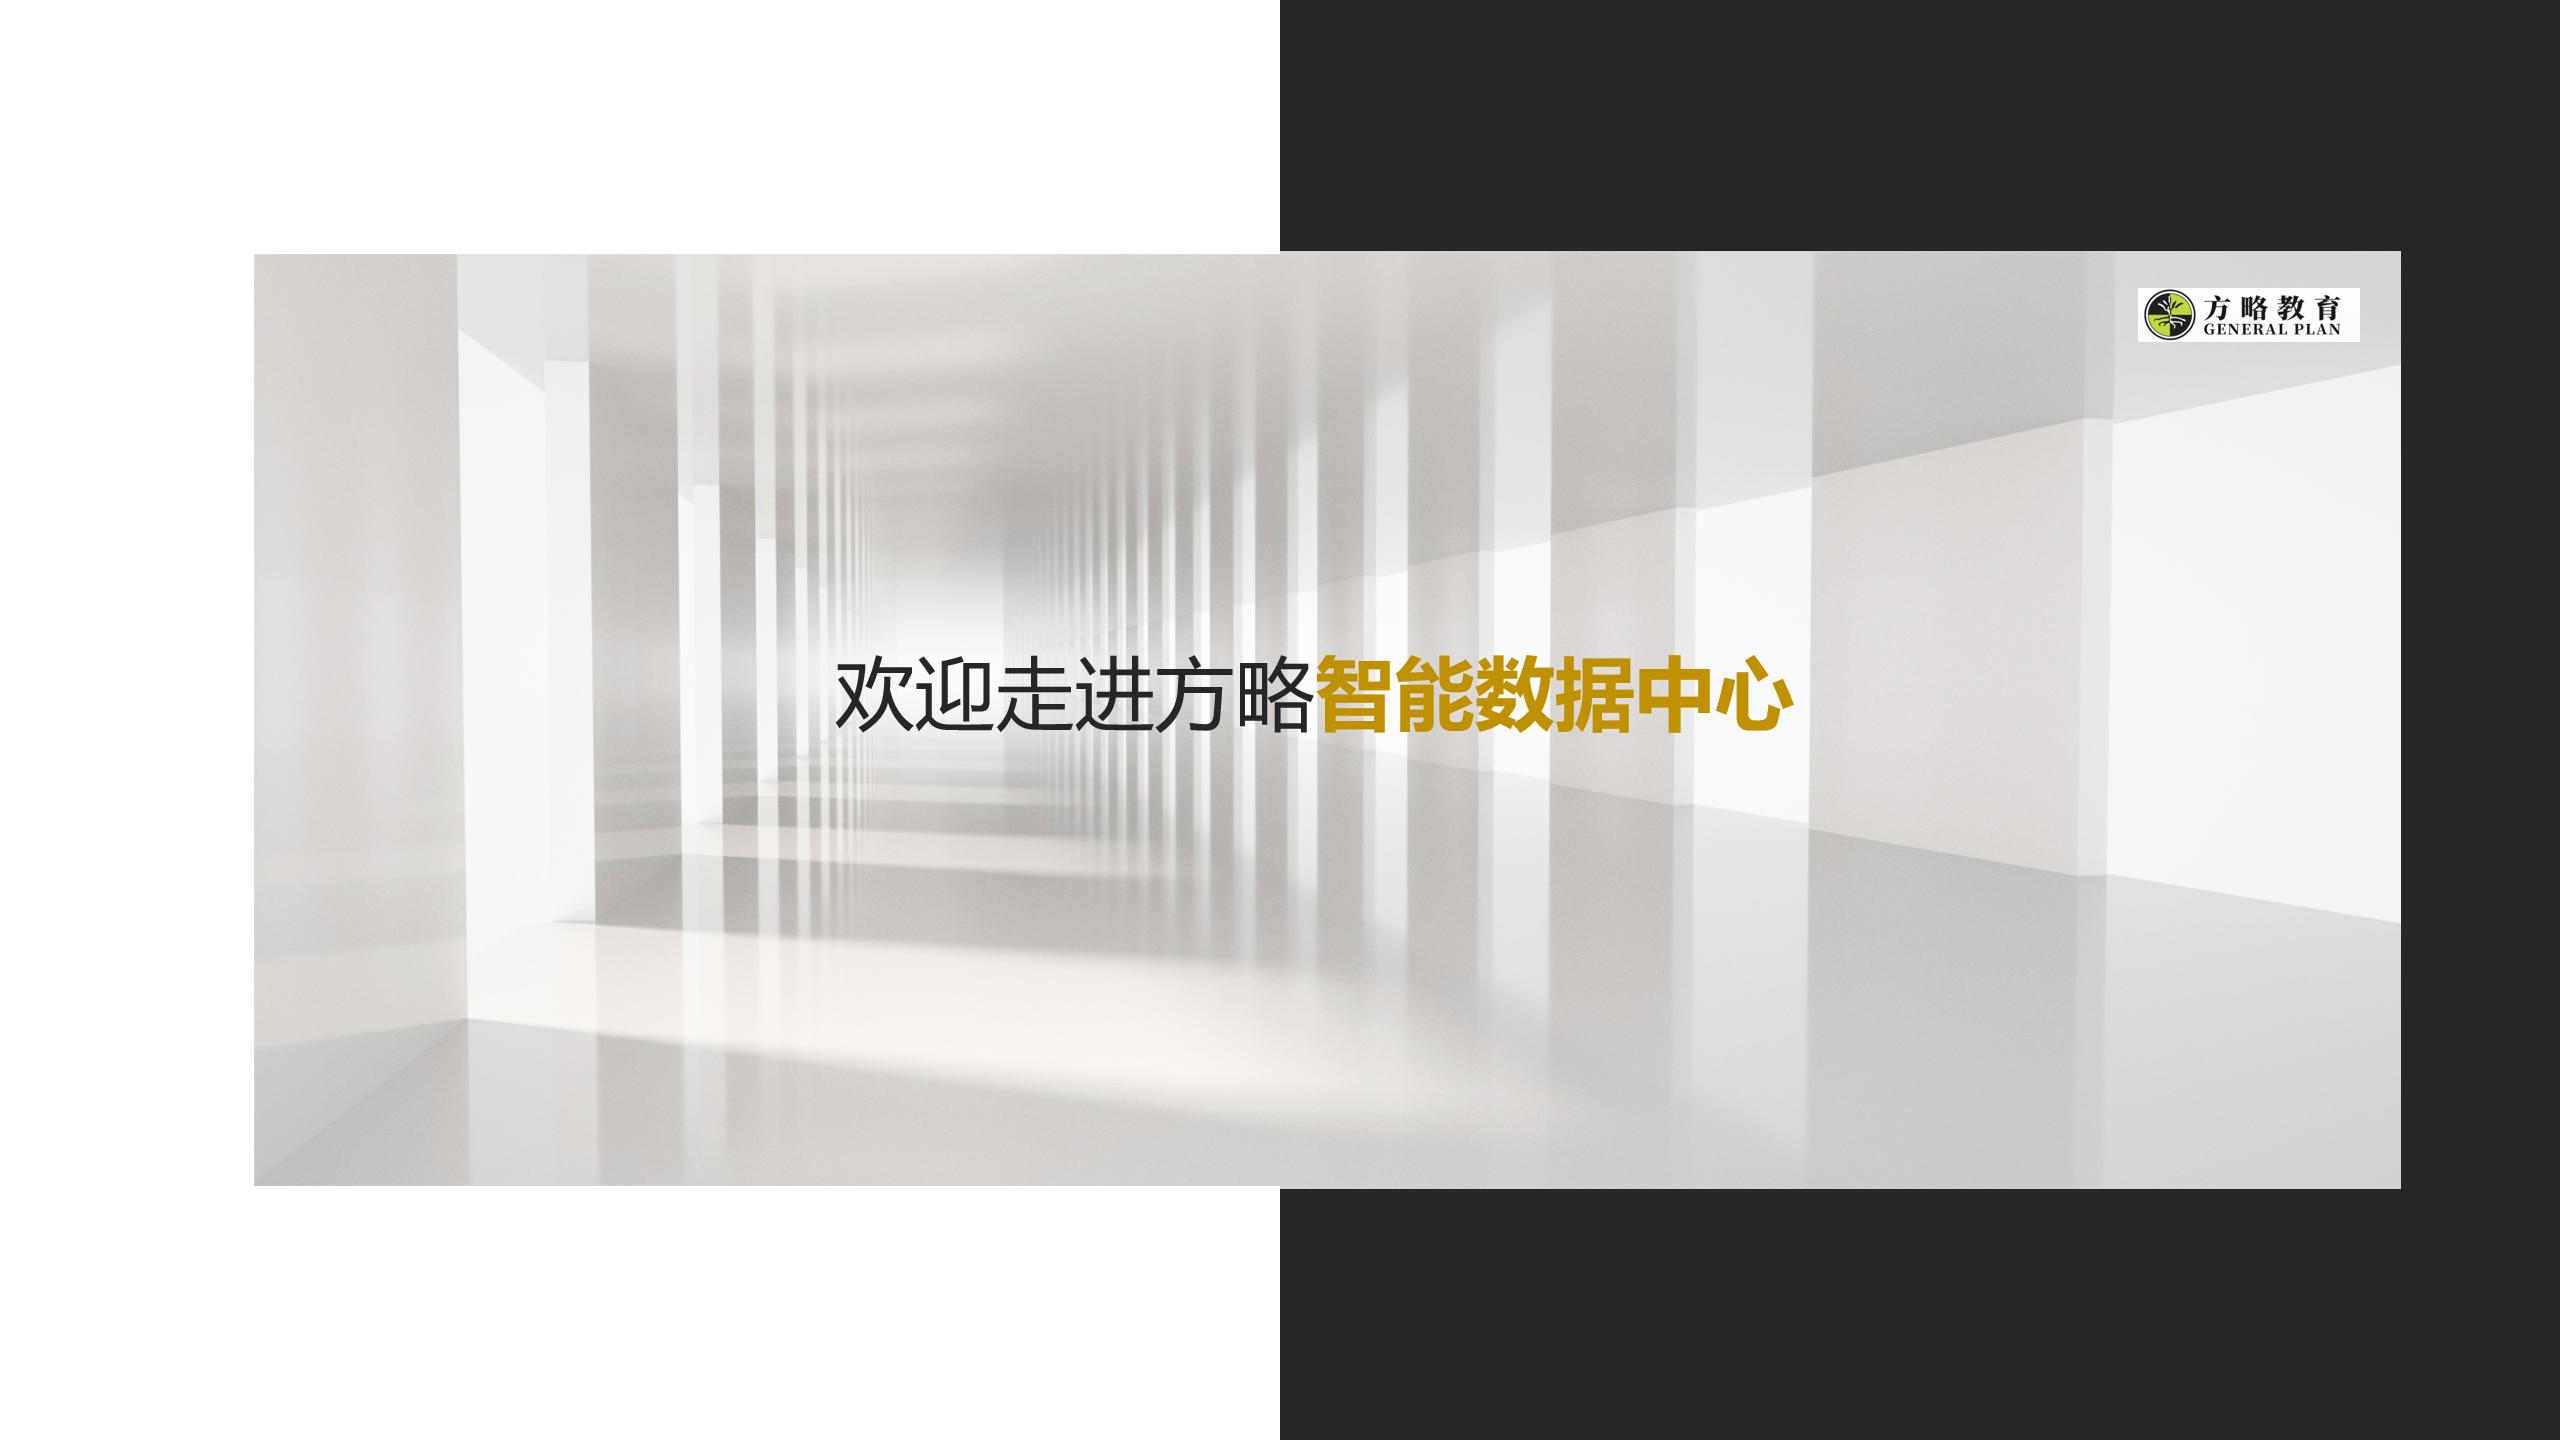 幻灯片10 - 方略智能教育服务